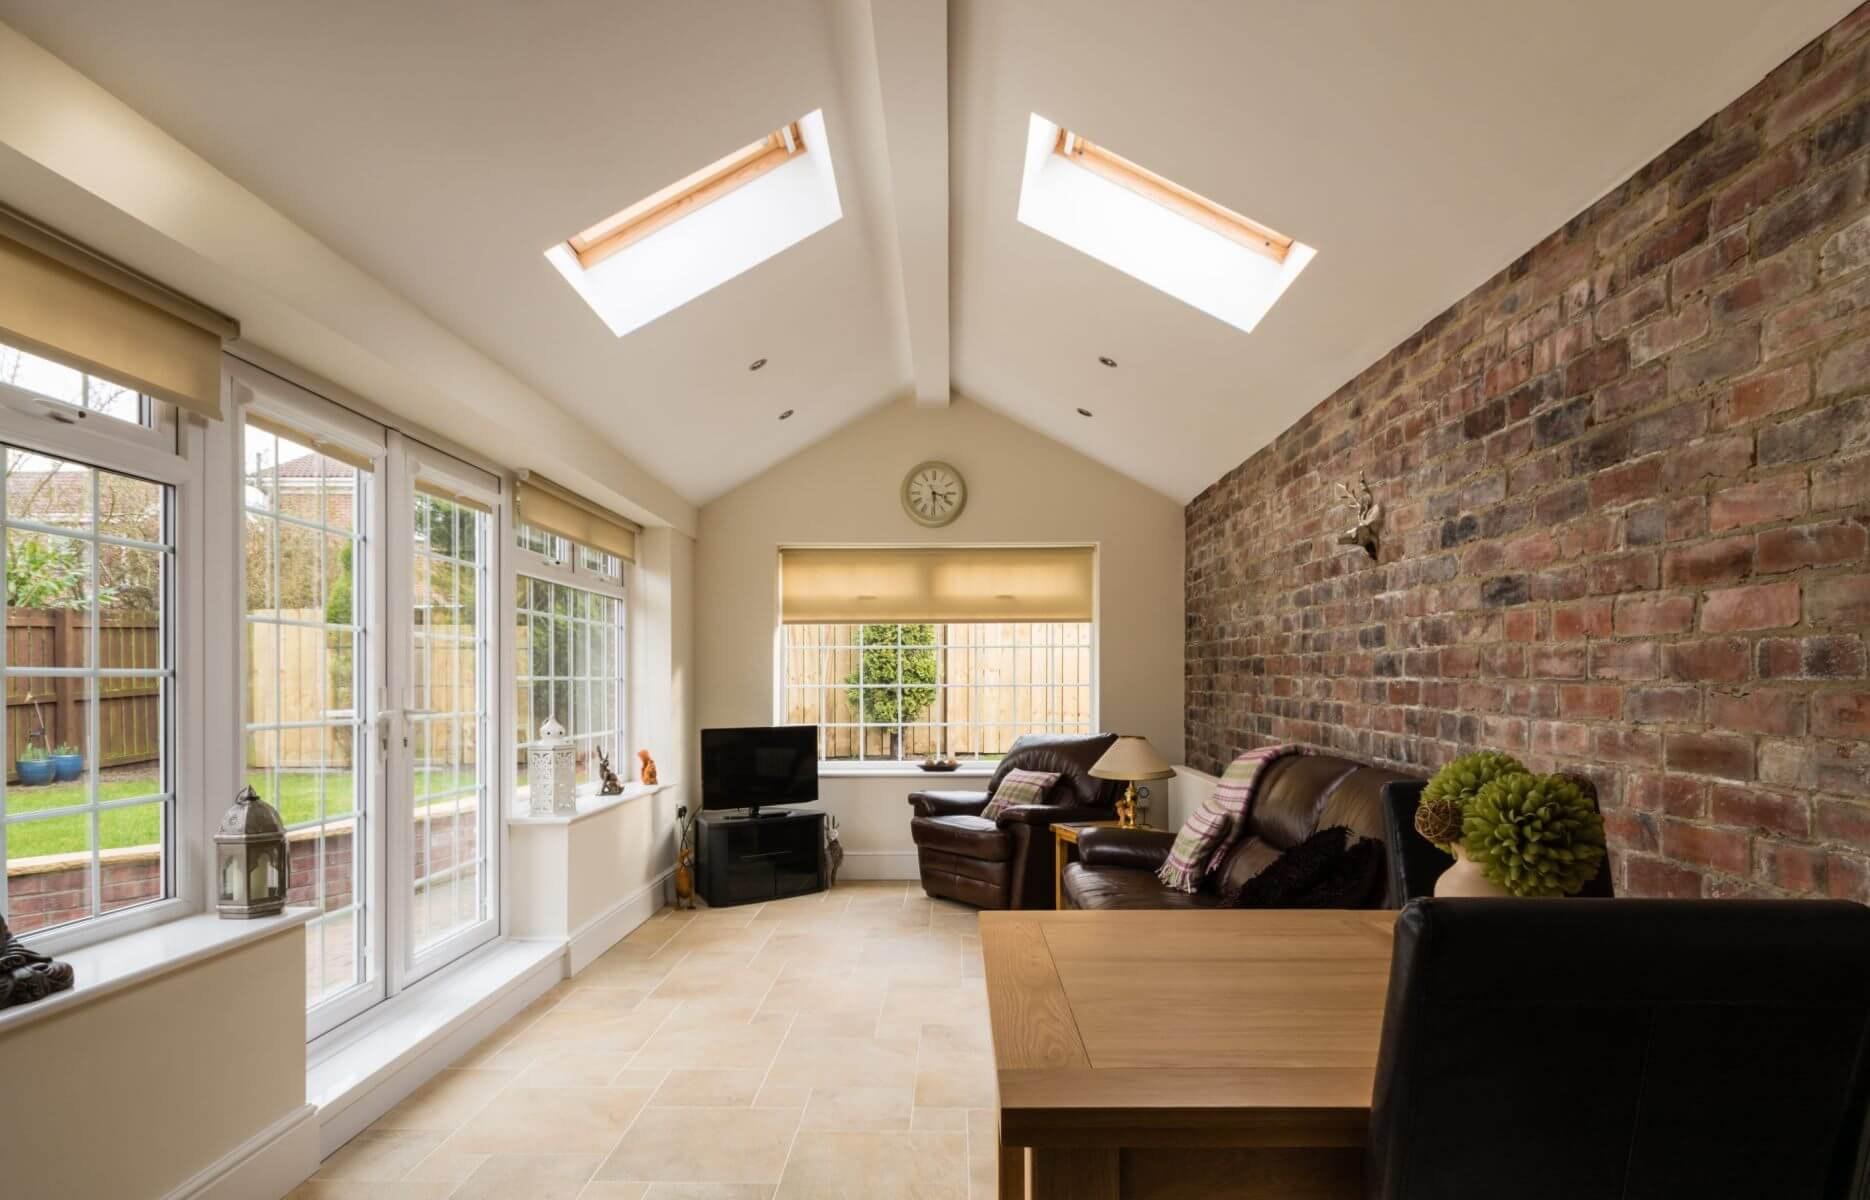 Prix d'une extension maison de 20 m² - Exemple de devis